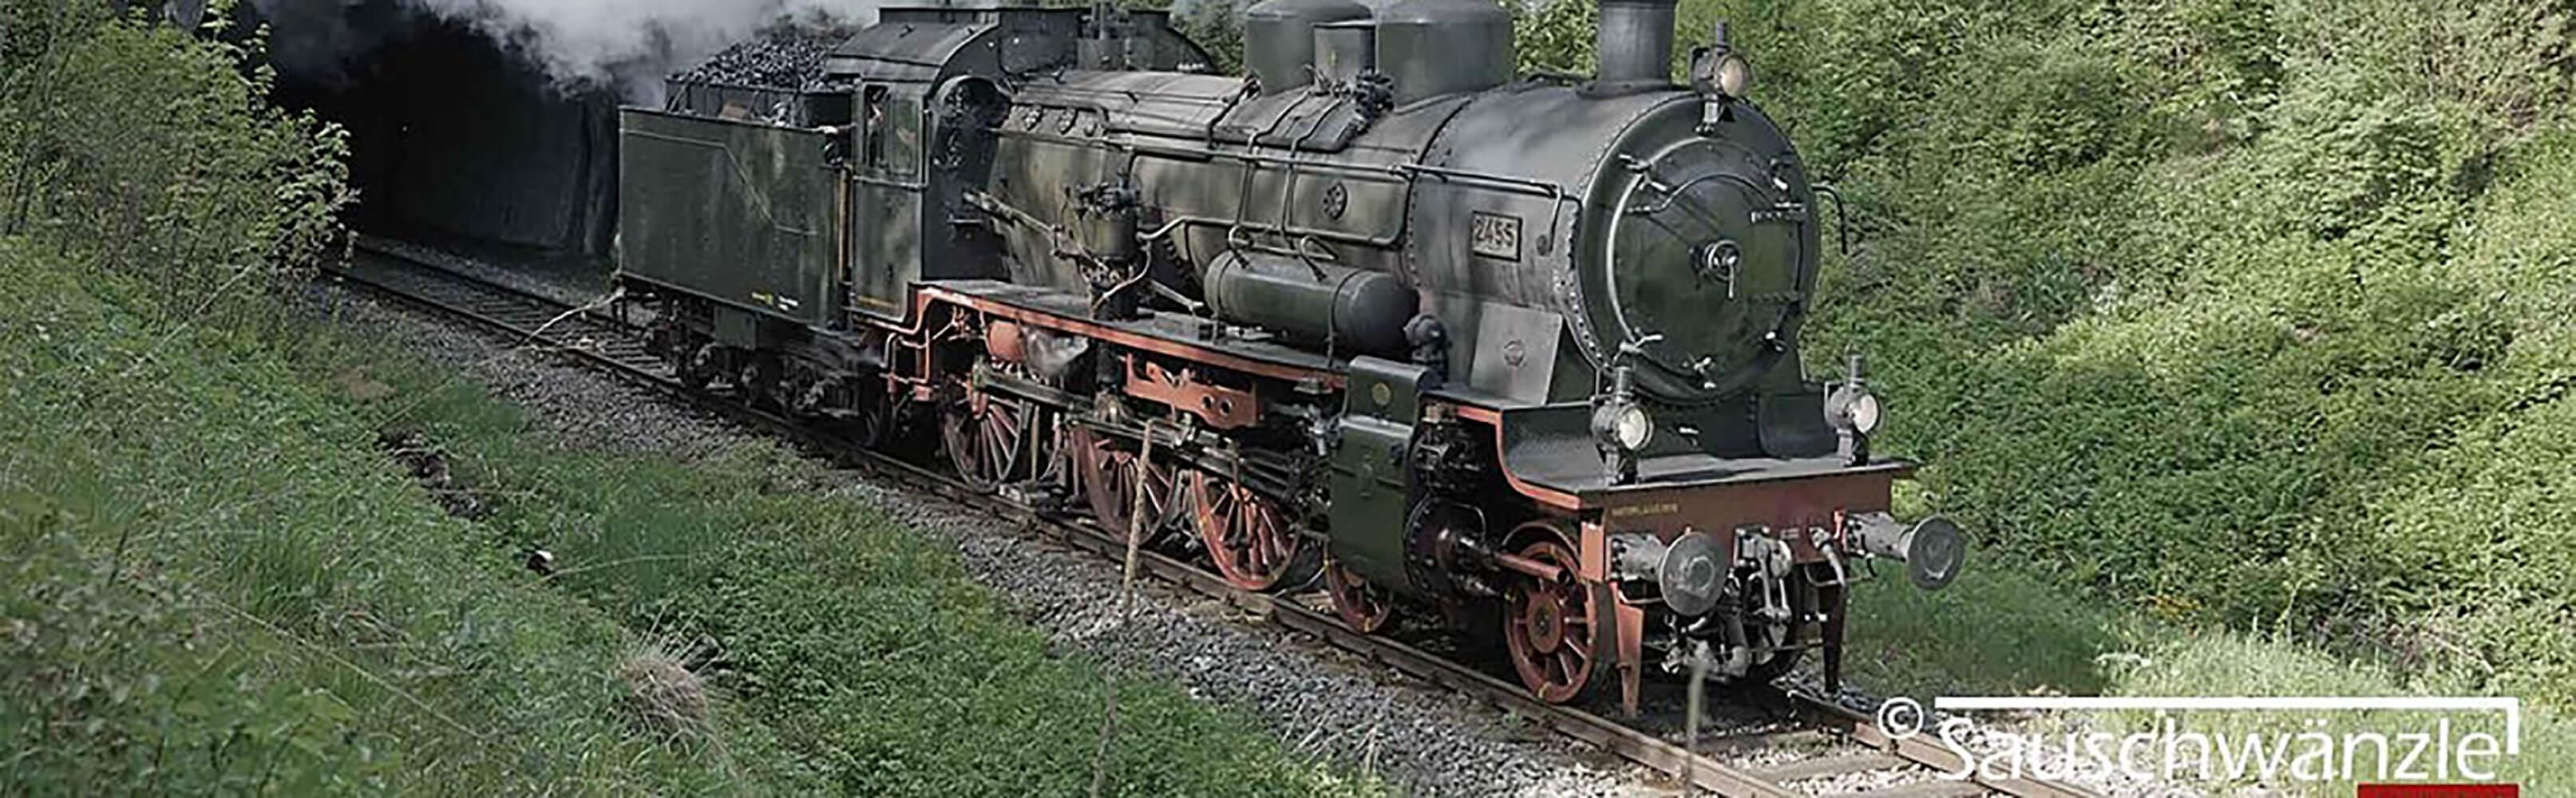 Sauschwänzlebahn Blumberg 1